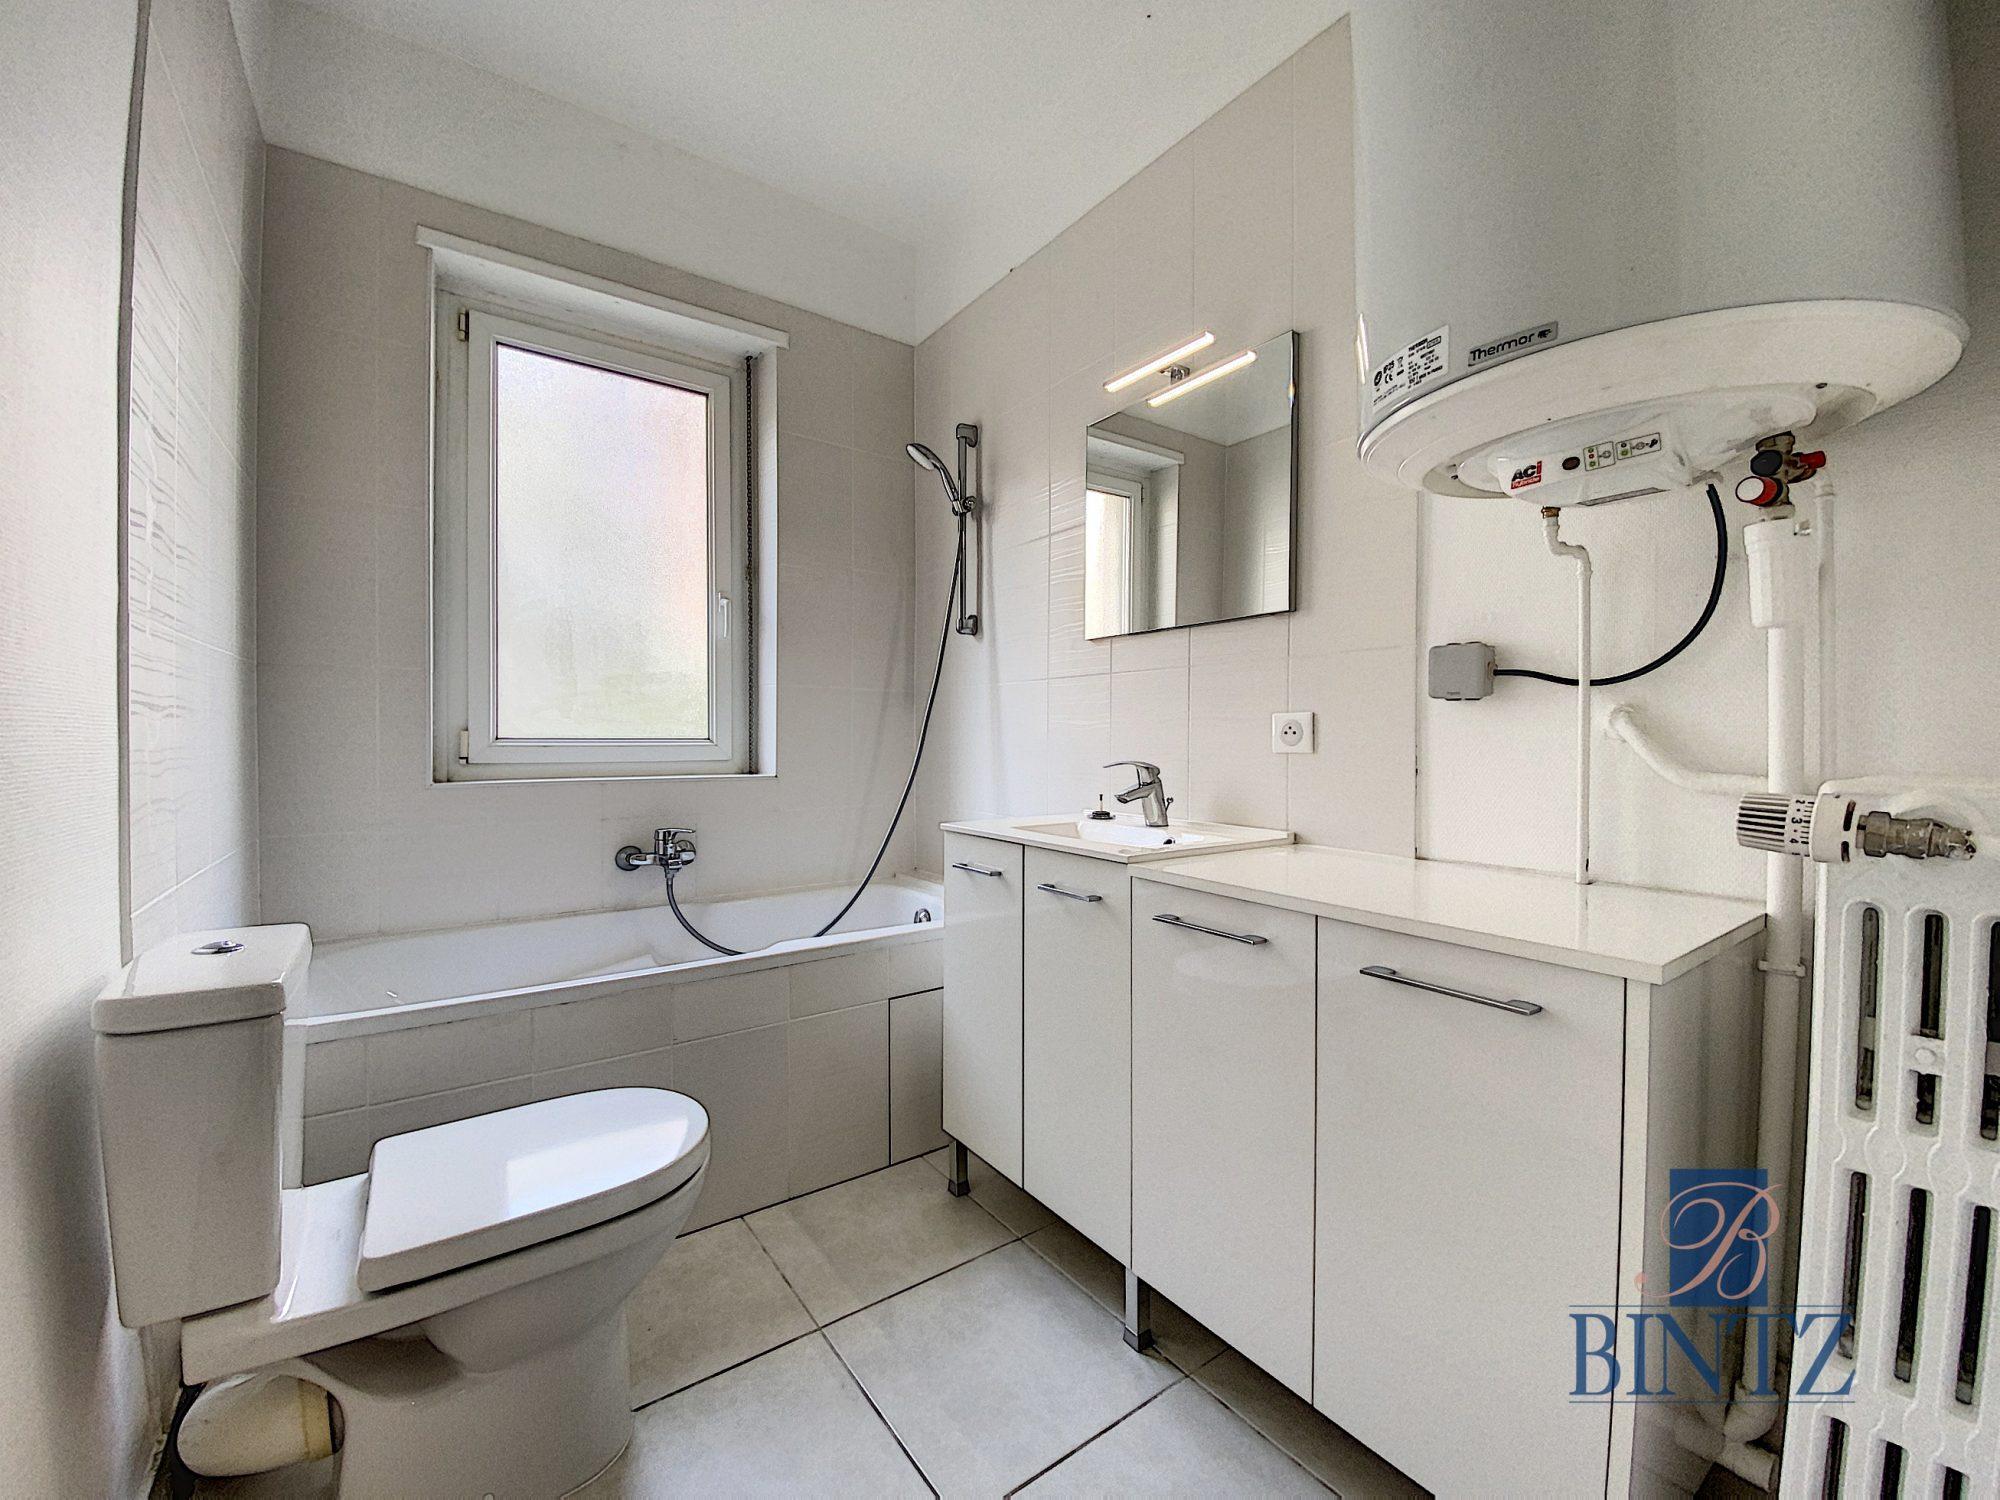 2 pièces orangerie avec balcon - Devenez locataire en toute sérénité - Bintz Immobilier - 11